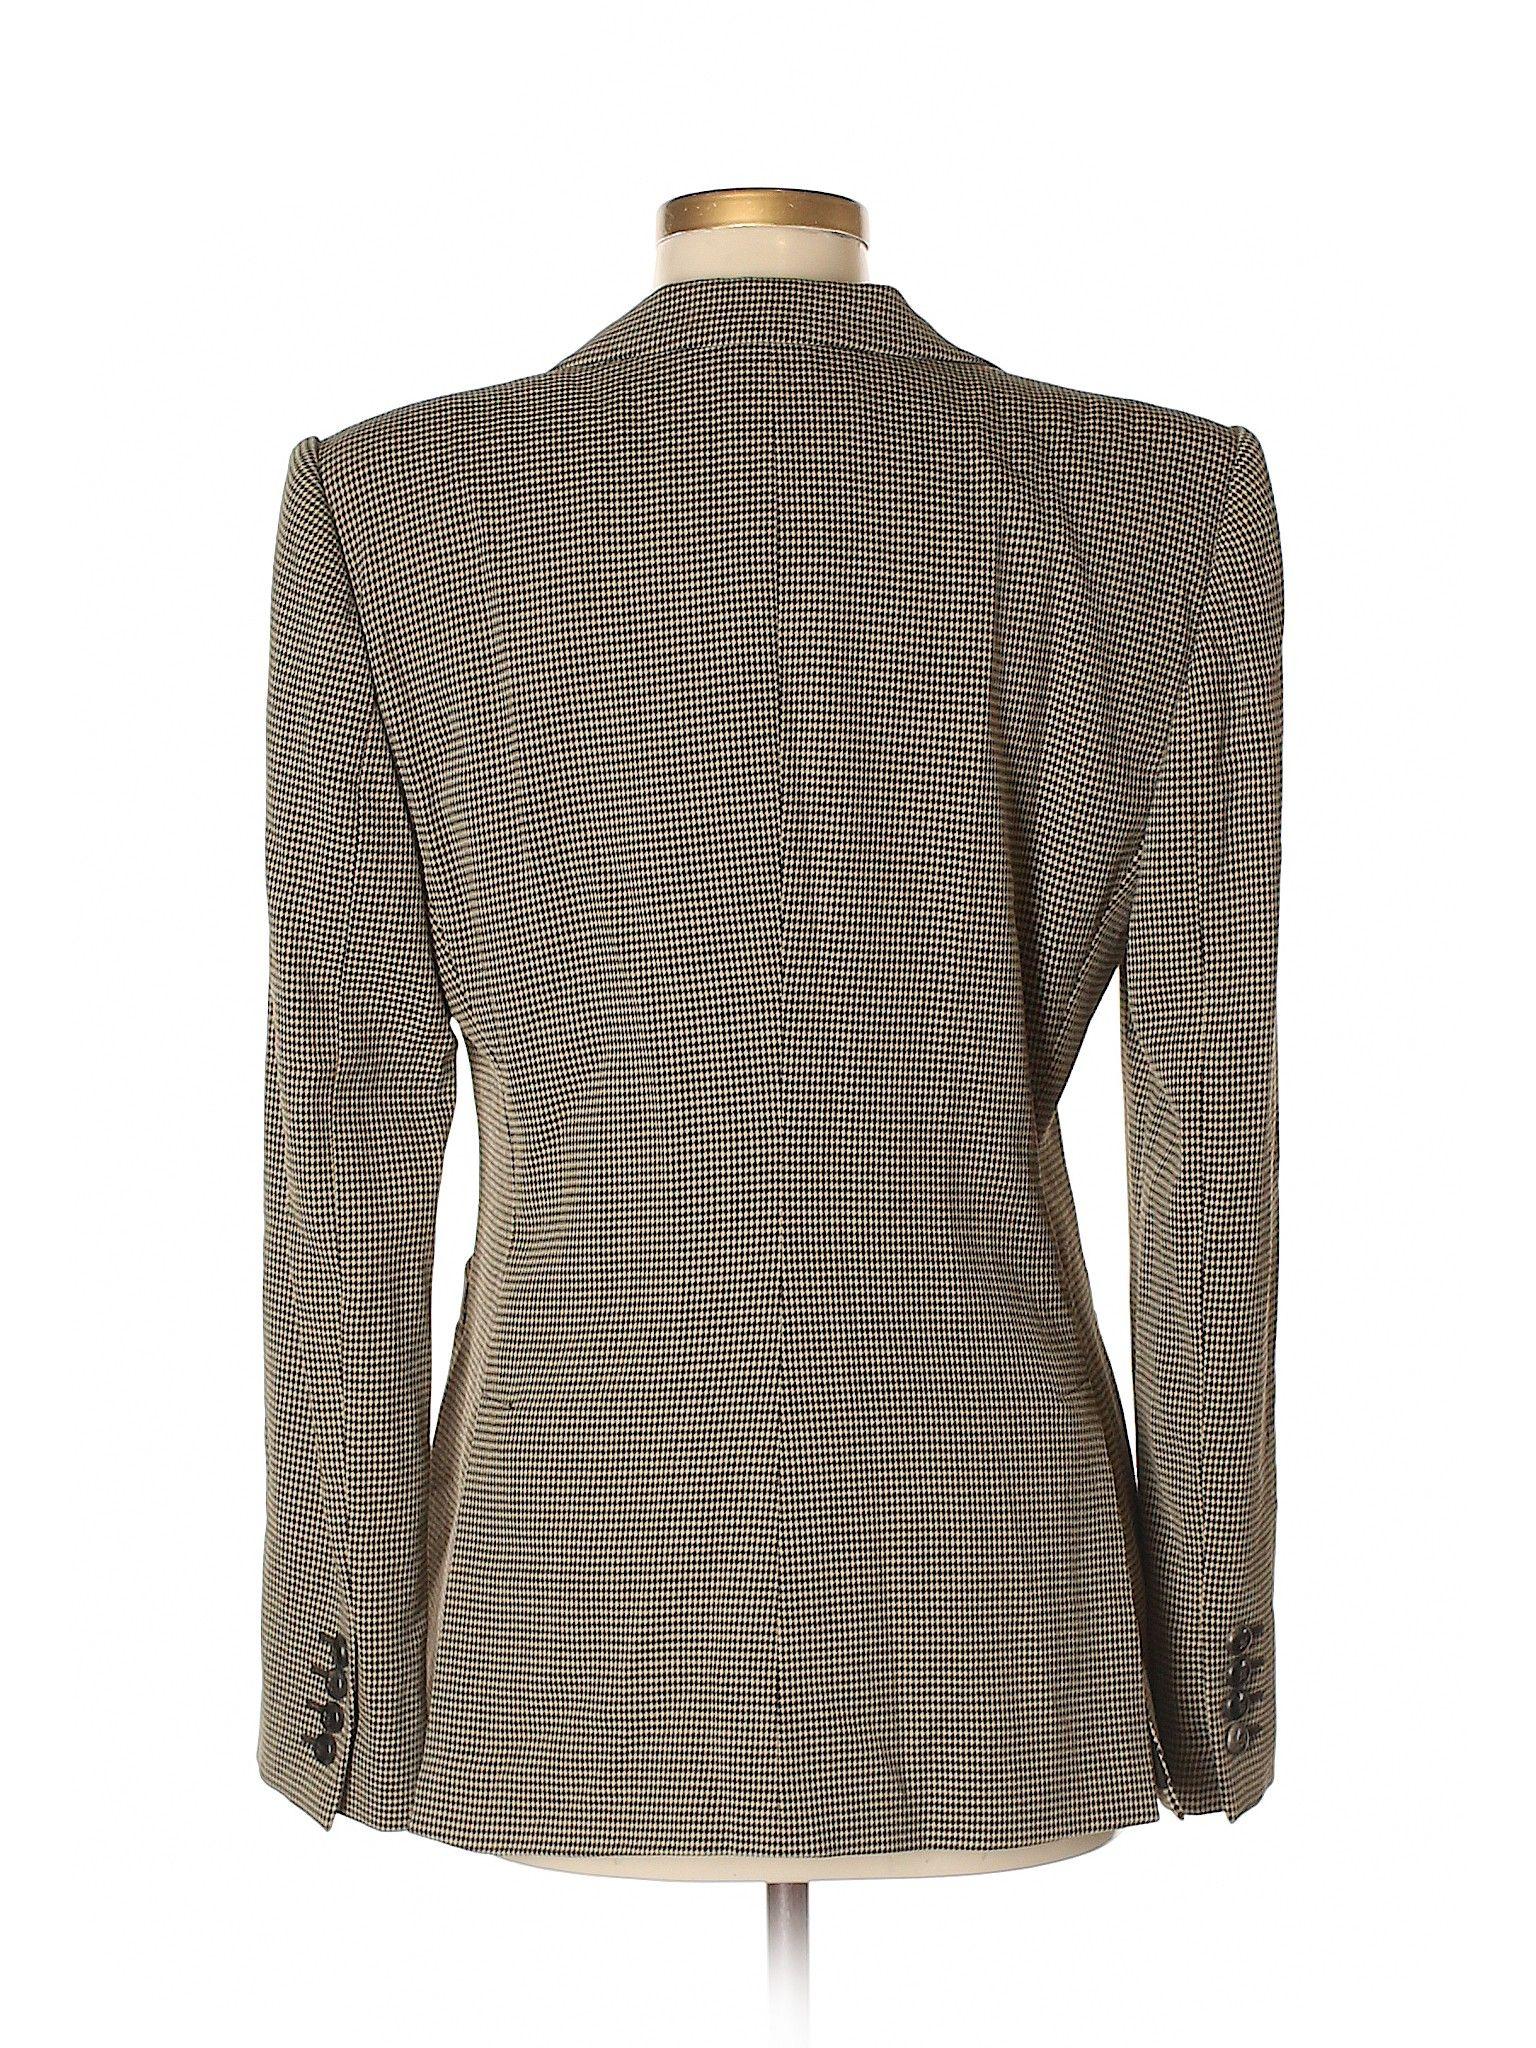 1559e9021b39 Armani Collezioni Blazer: Size 8.00 Tan Women's Jackets & Outerwear - $98.99